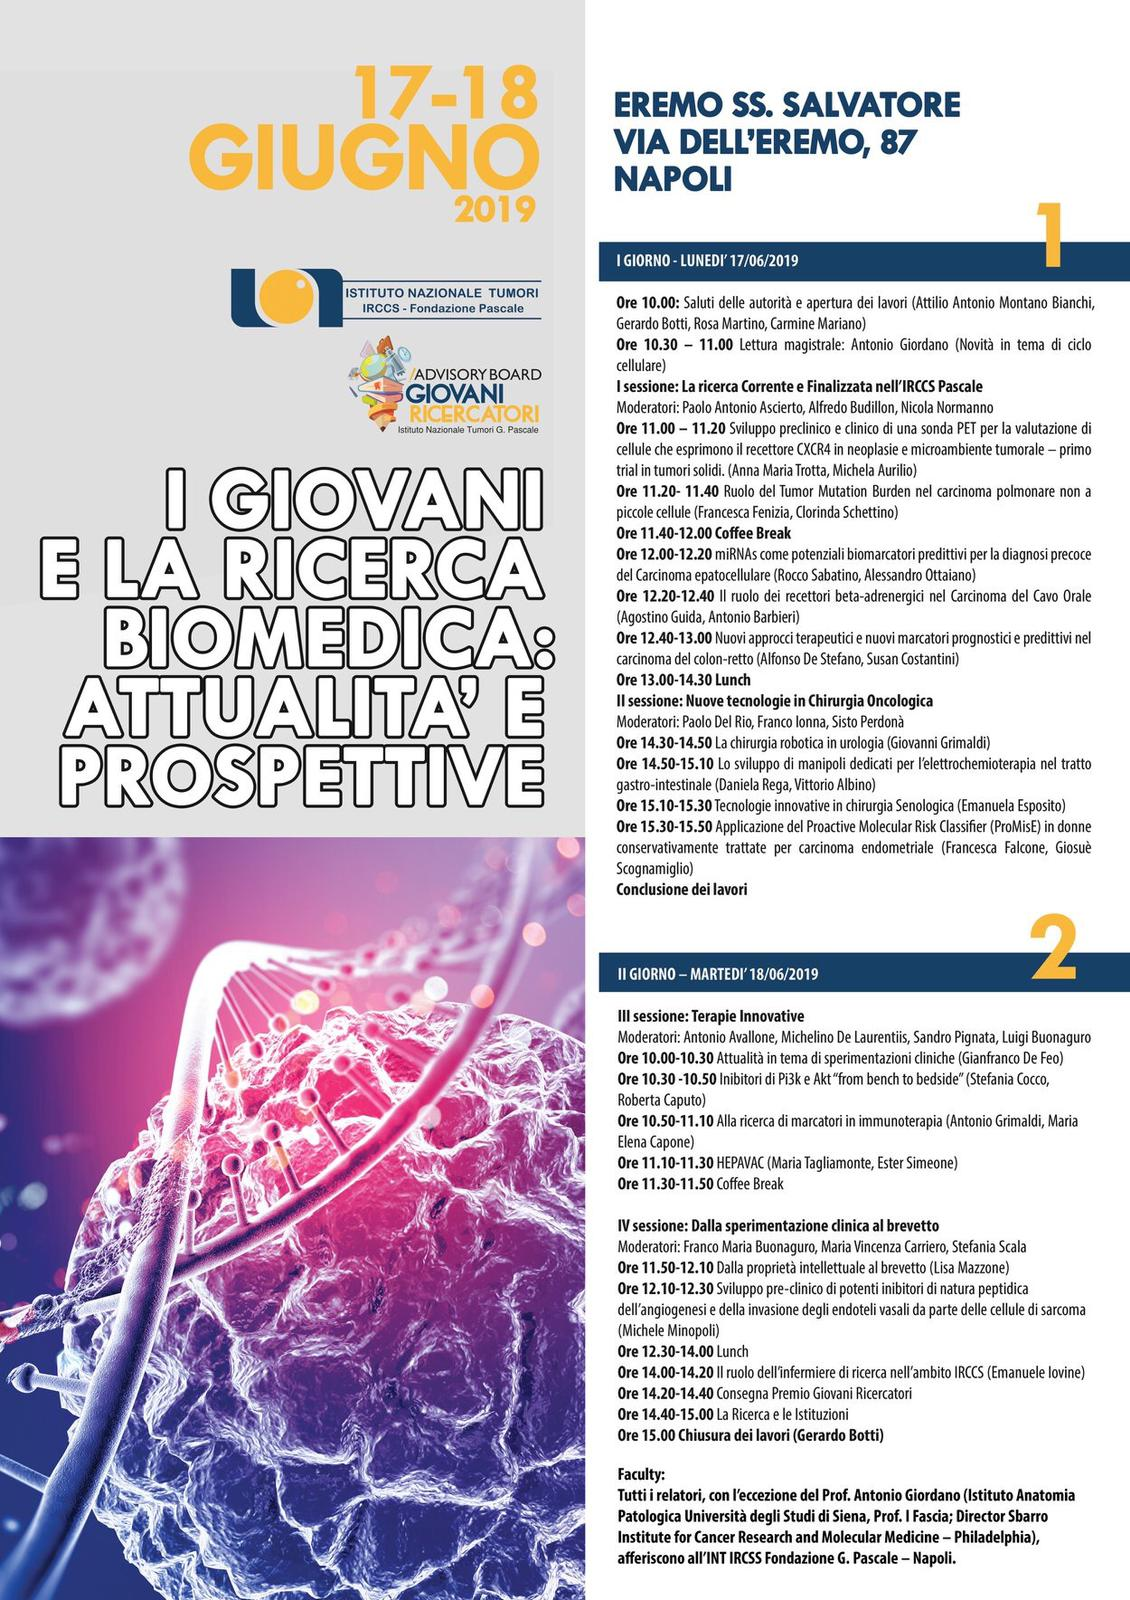 i giovani e la ricerca biomedica